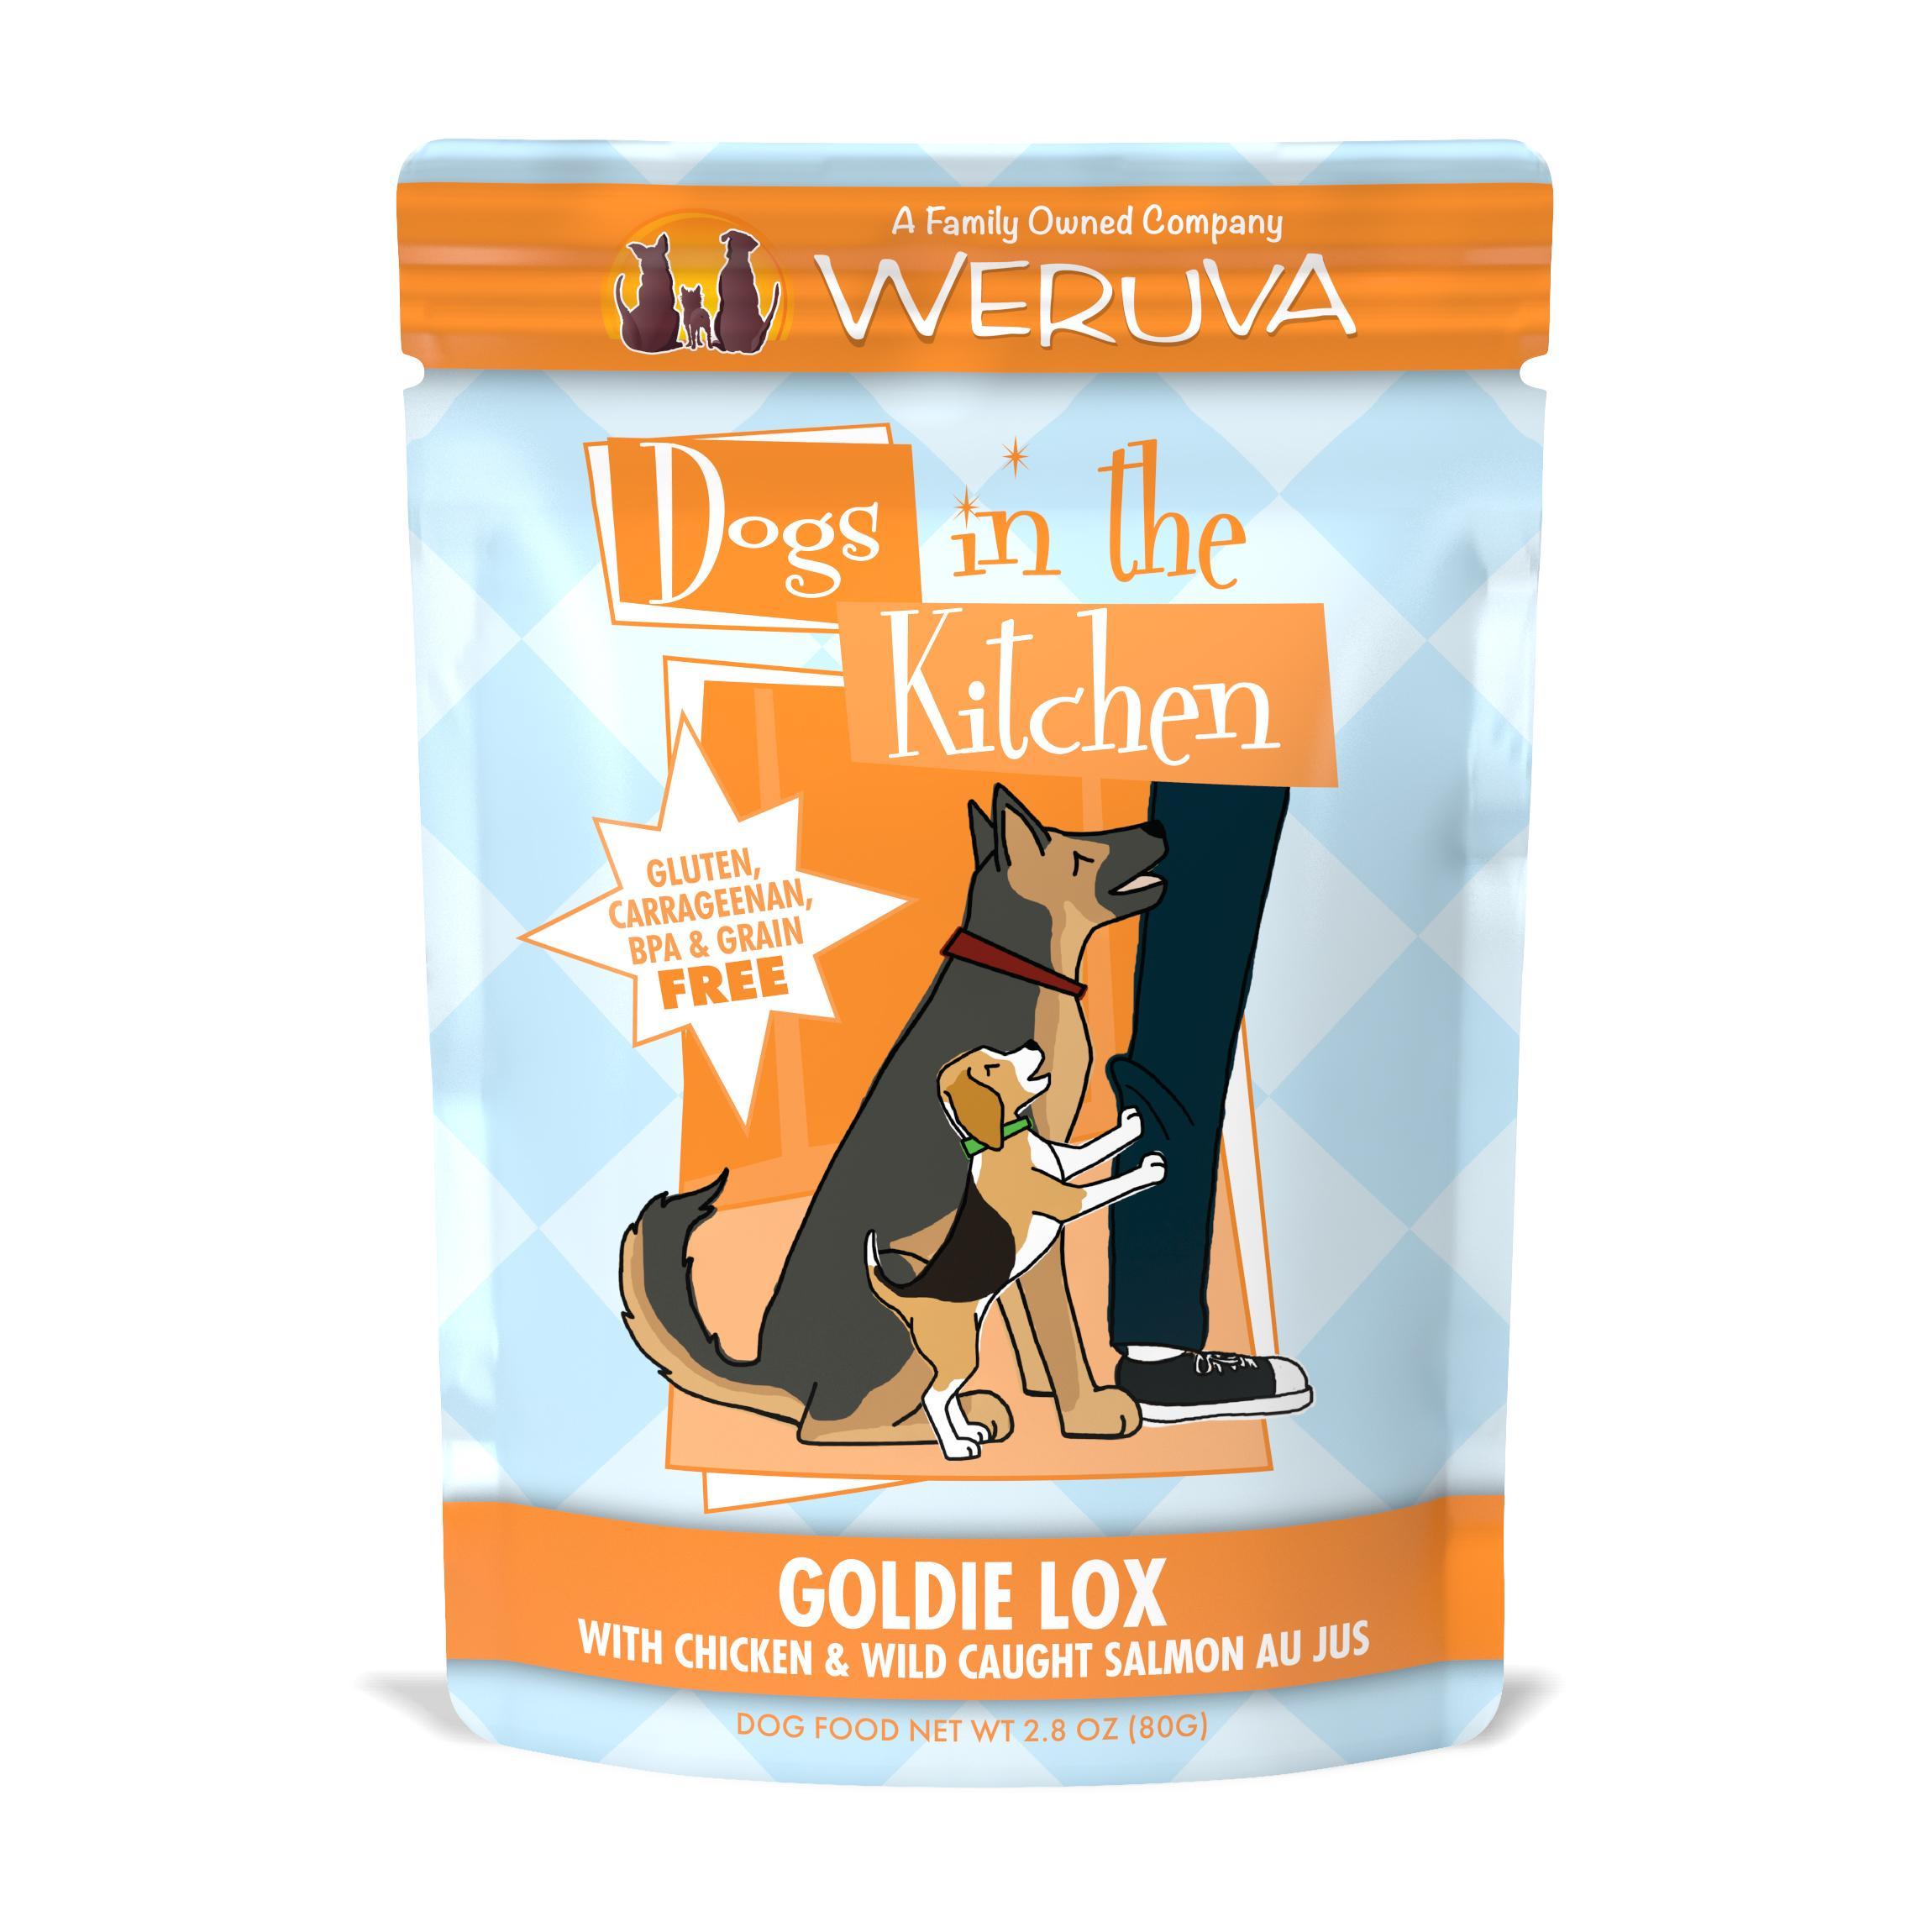 Weruva Dogs in the Kitchen Goldie Lox with Chicken & Wild Caught Salmon Au Jus Grain-Free Wet Dog Food, 2.8-oz